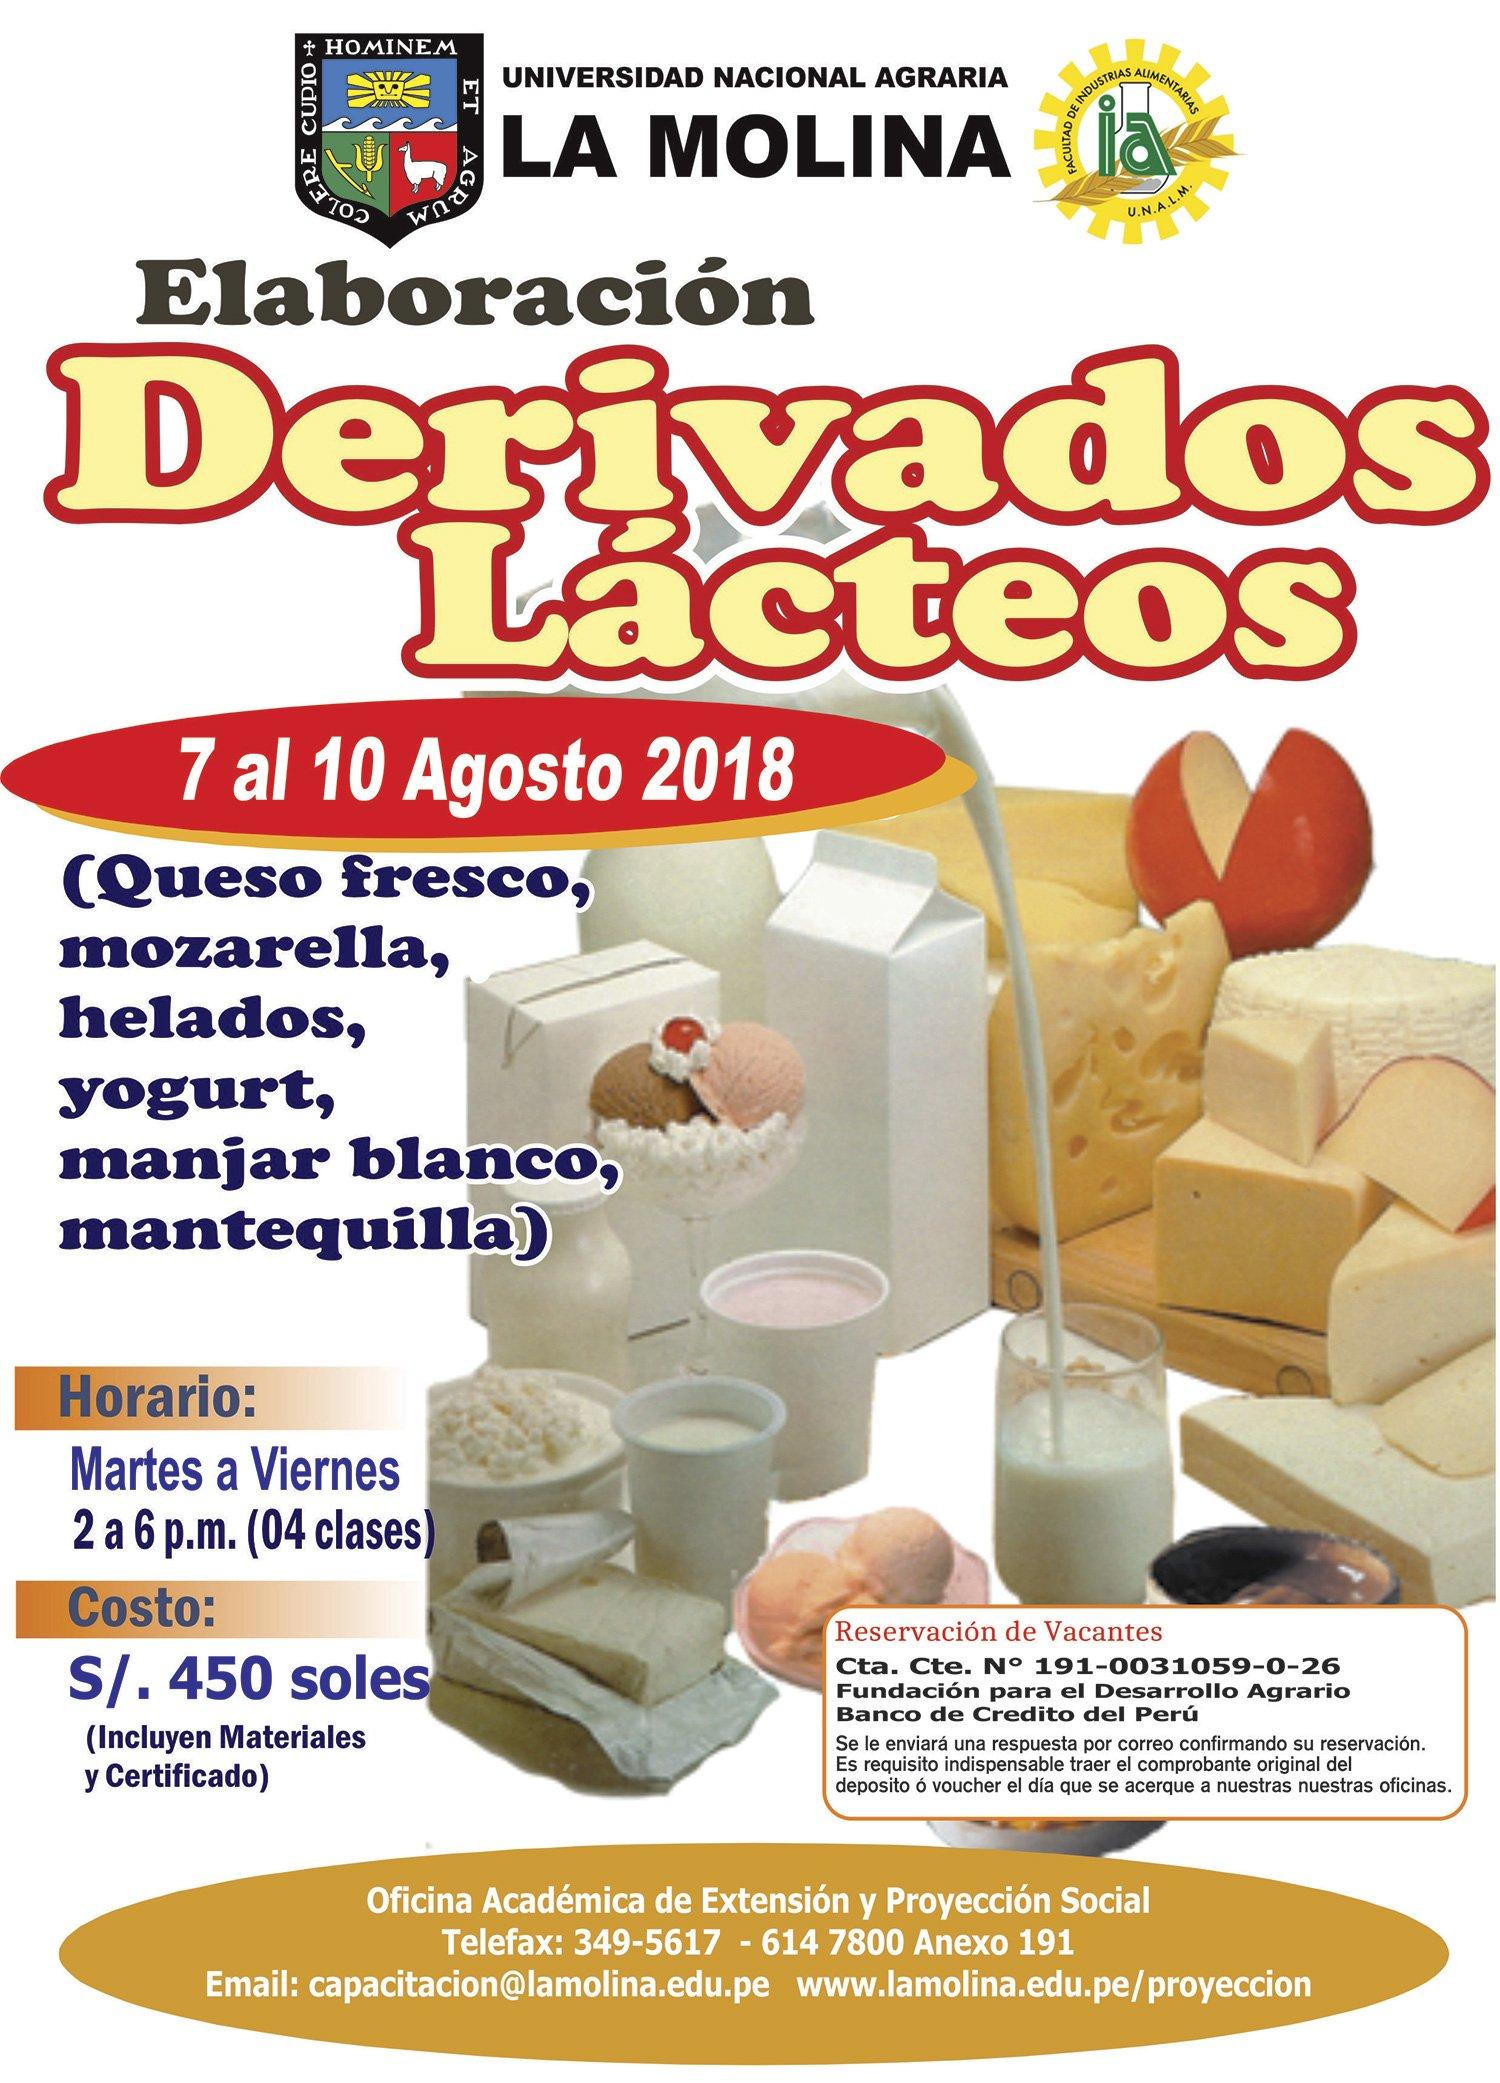 Cursos 2018: Elaboración de Derivados Lácteos.